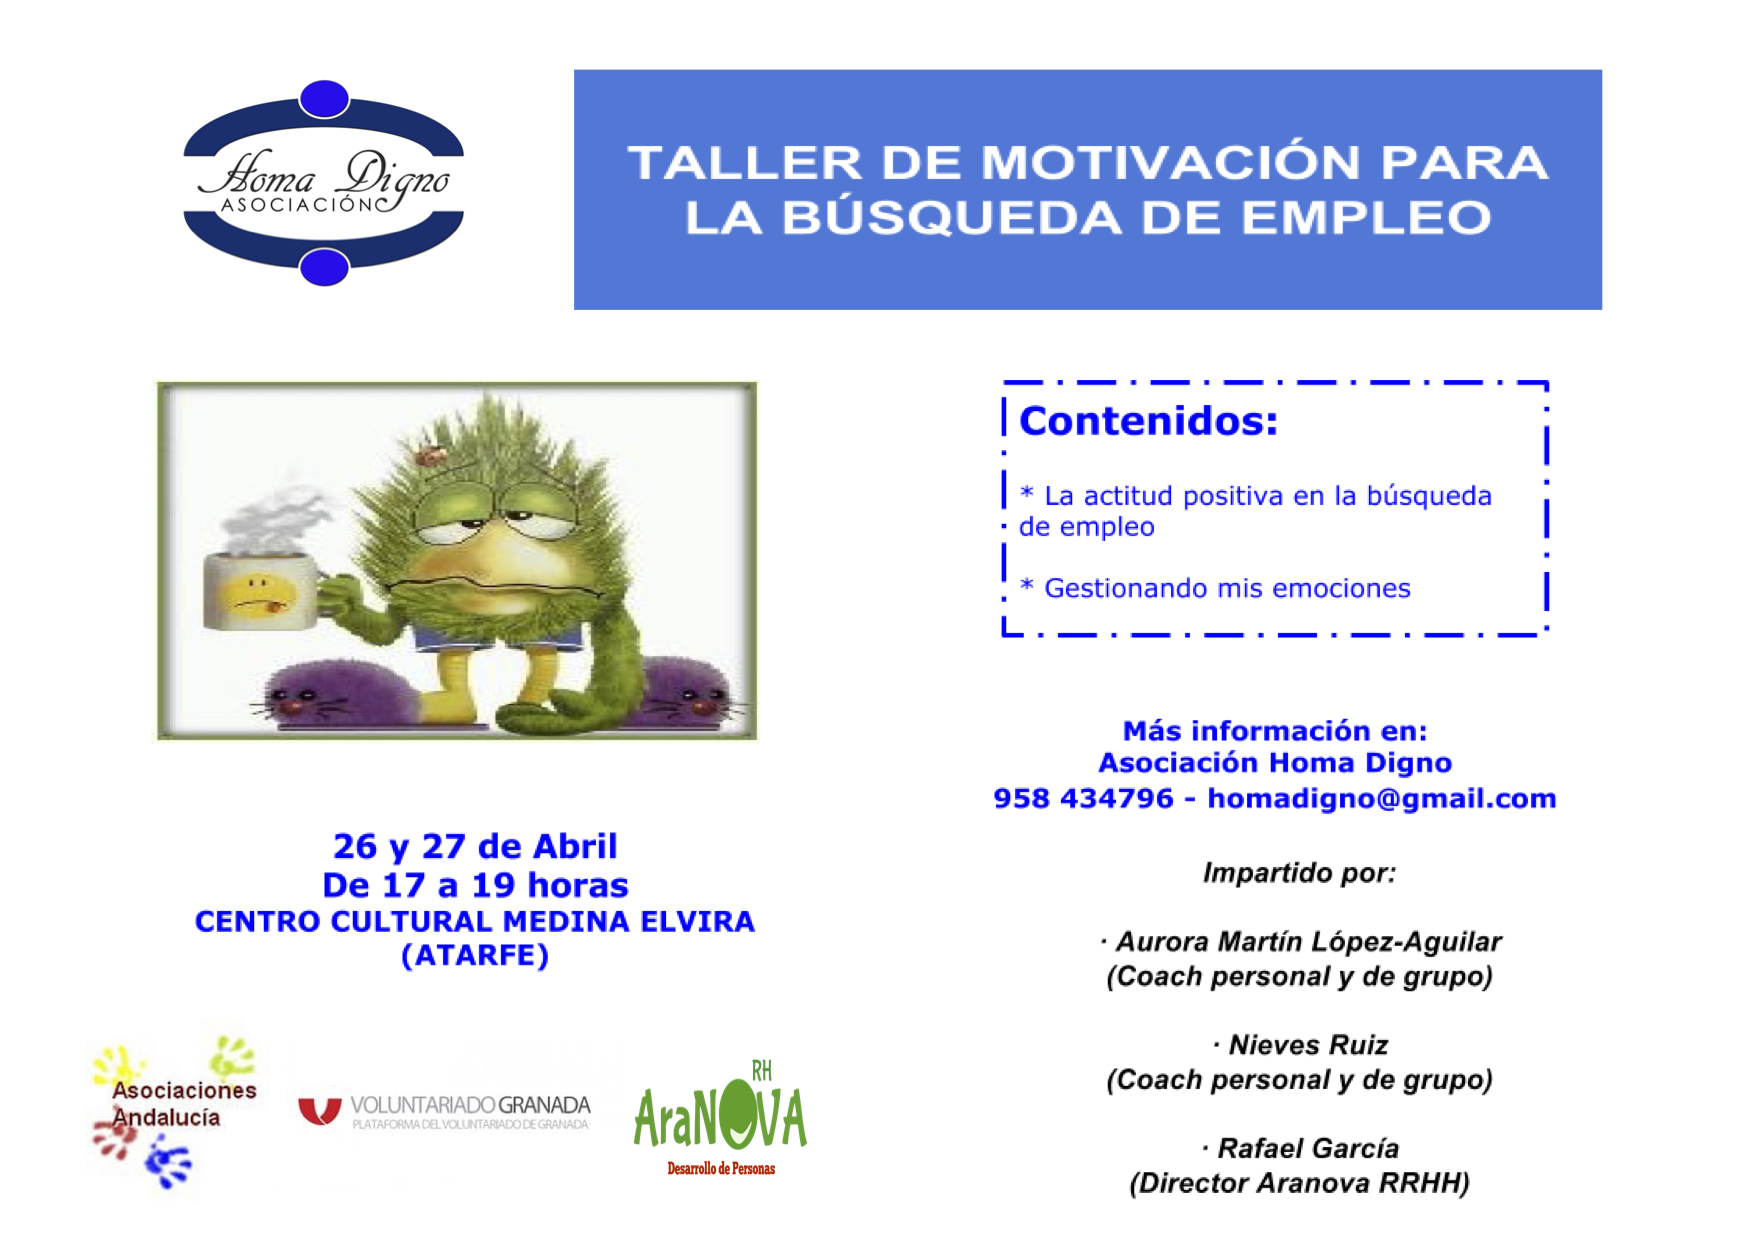 TALLER DE MOTIVACIÓN PARA LA BÚSQUEDA DE EMPLEO 2.2